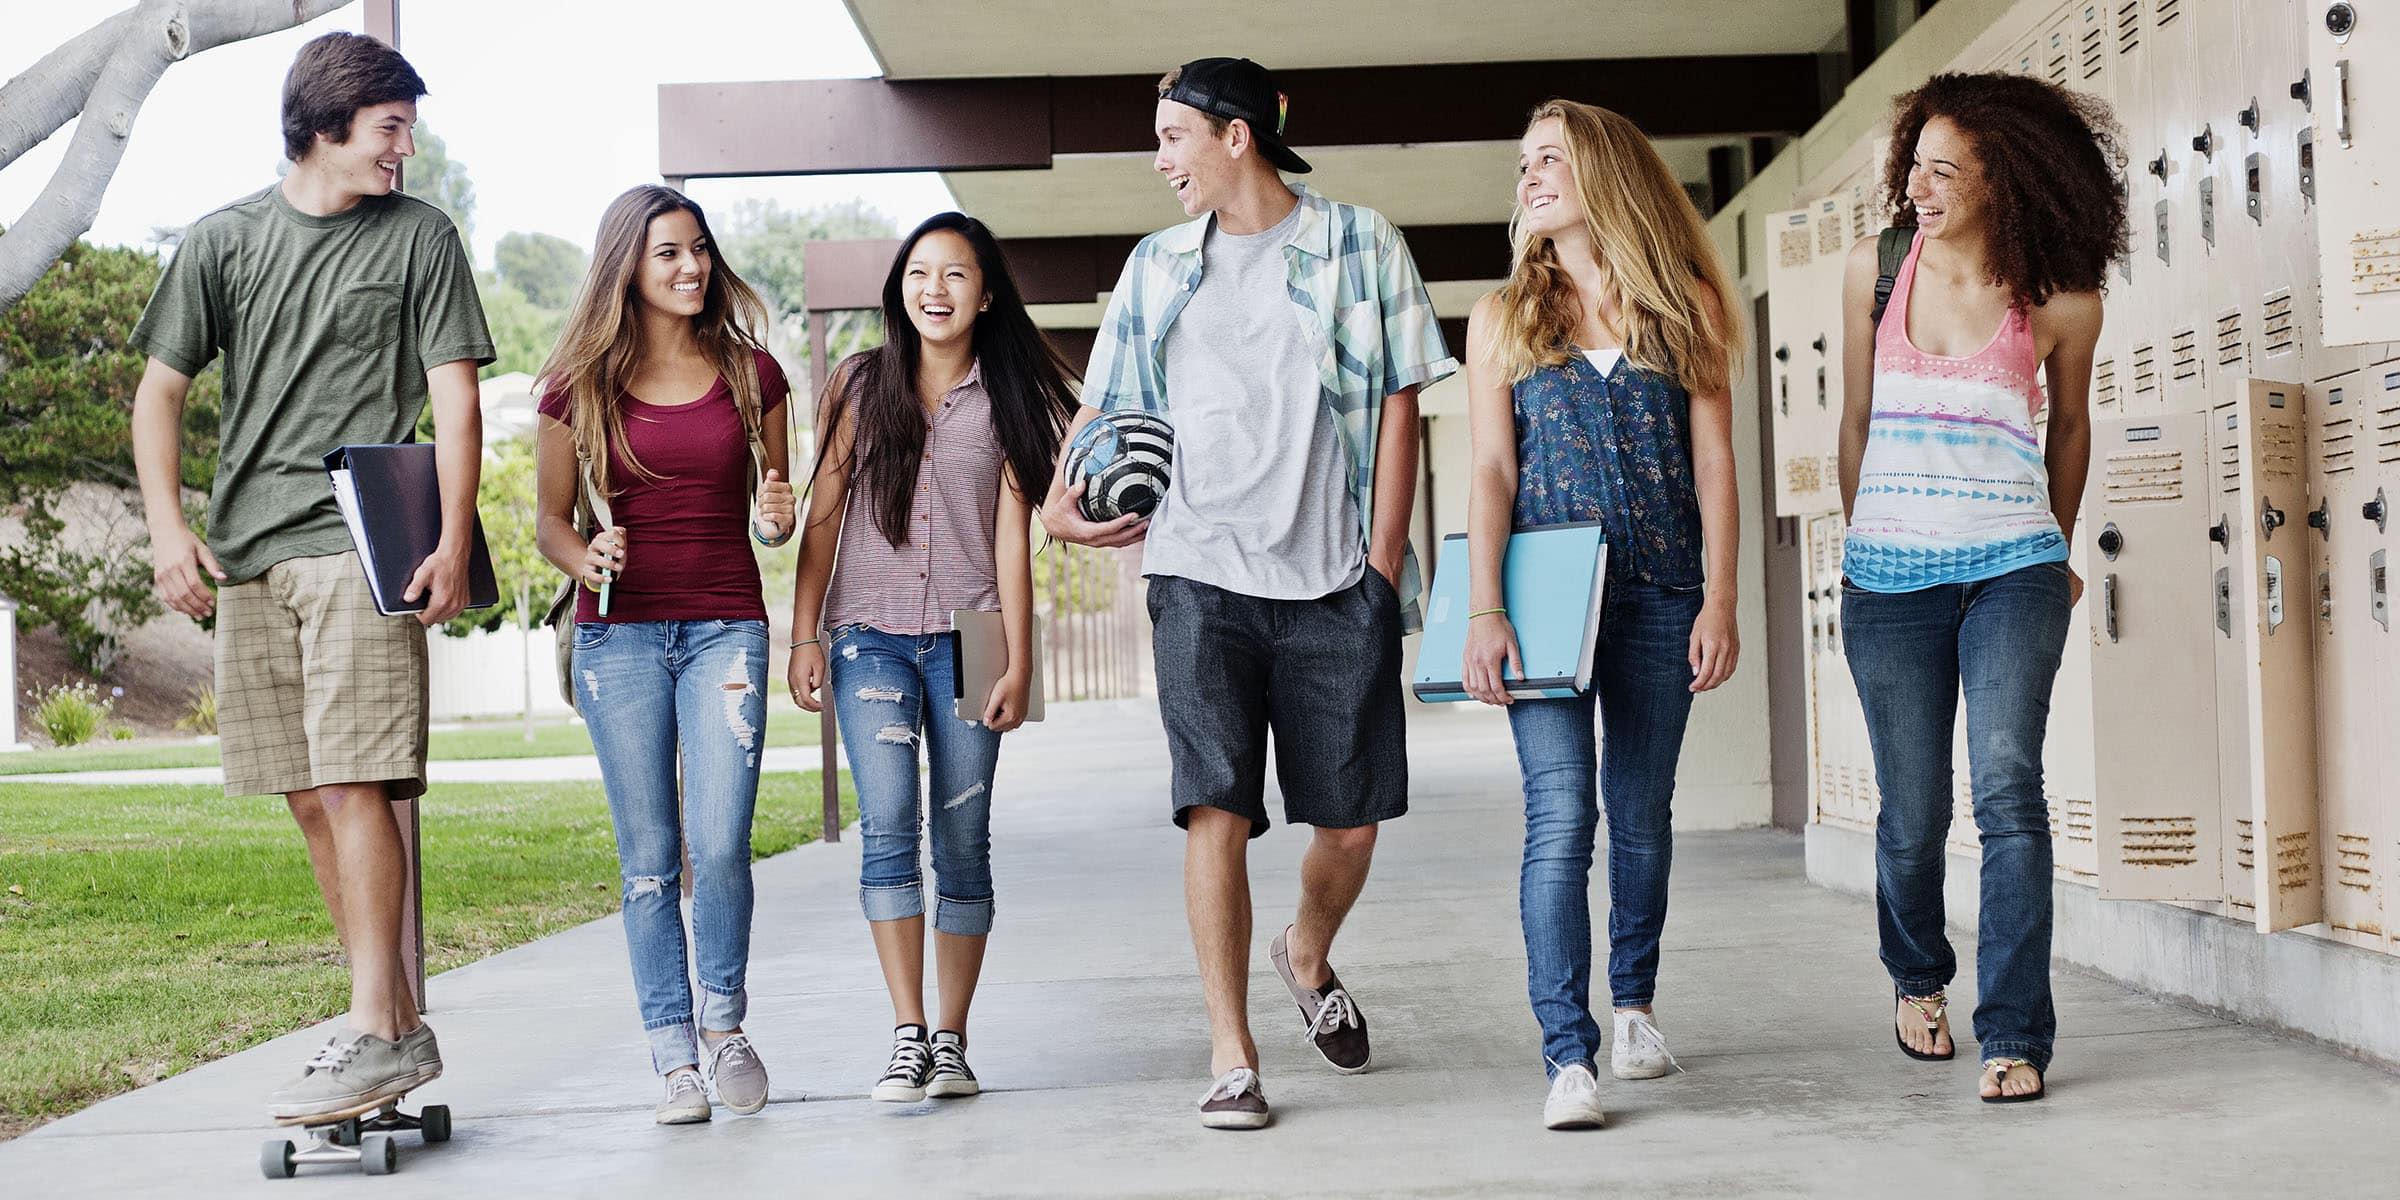 L'évolution de la taille des adolescents depuis 30 ans dans le monde. Étude complète.